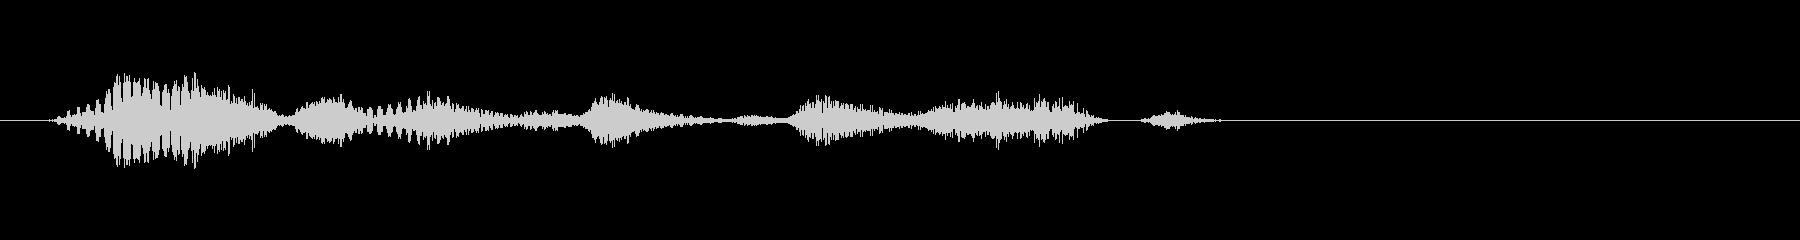 ミッションアコンプリッシュ:ロボ声の未再生の波形